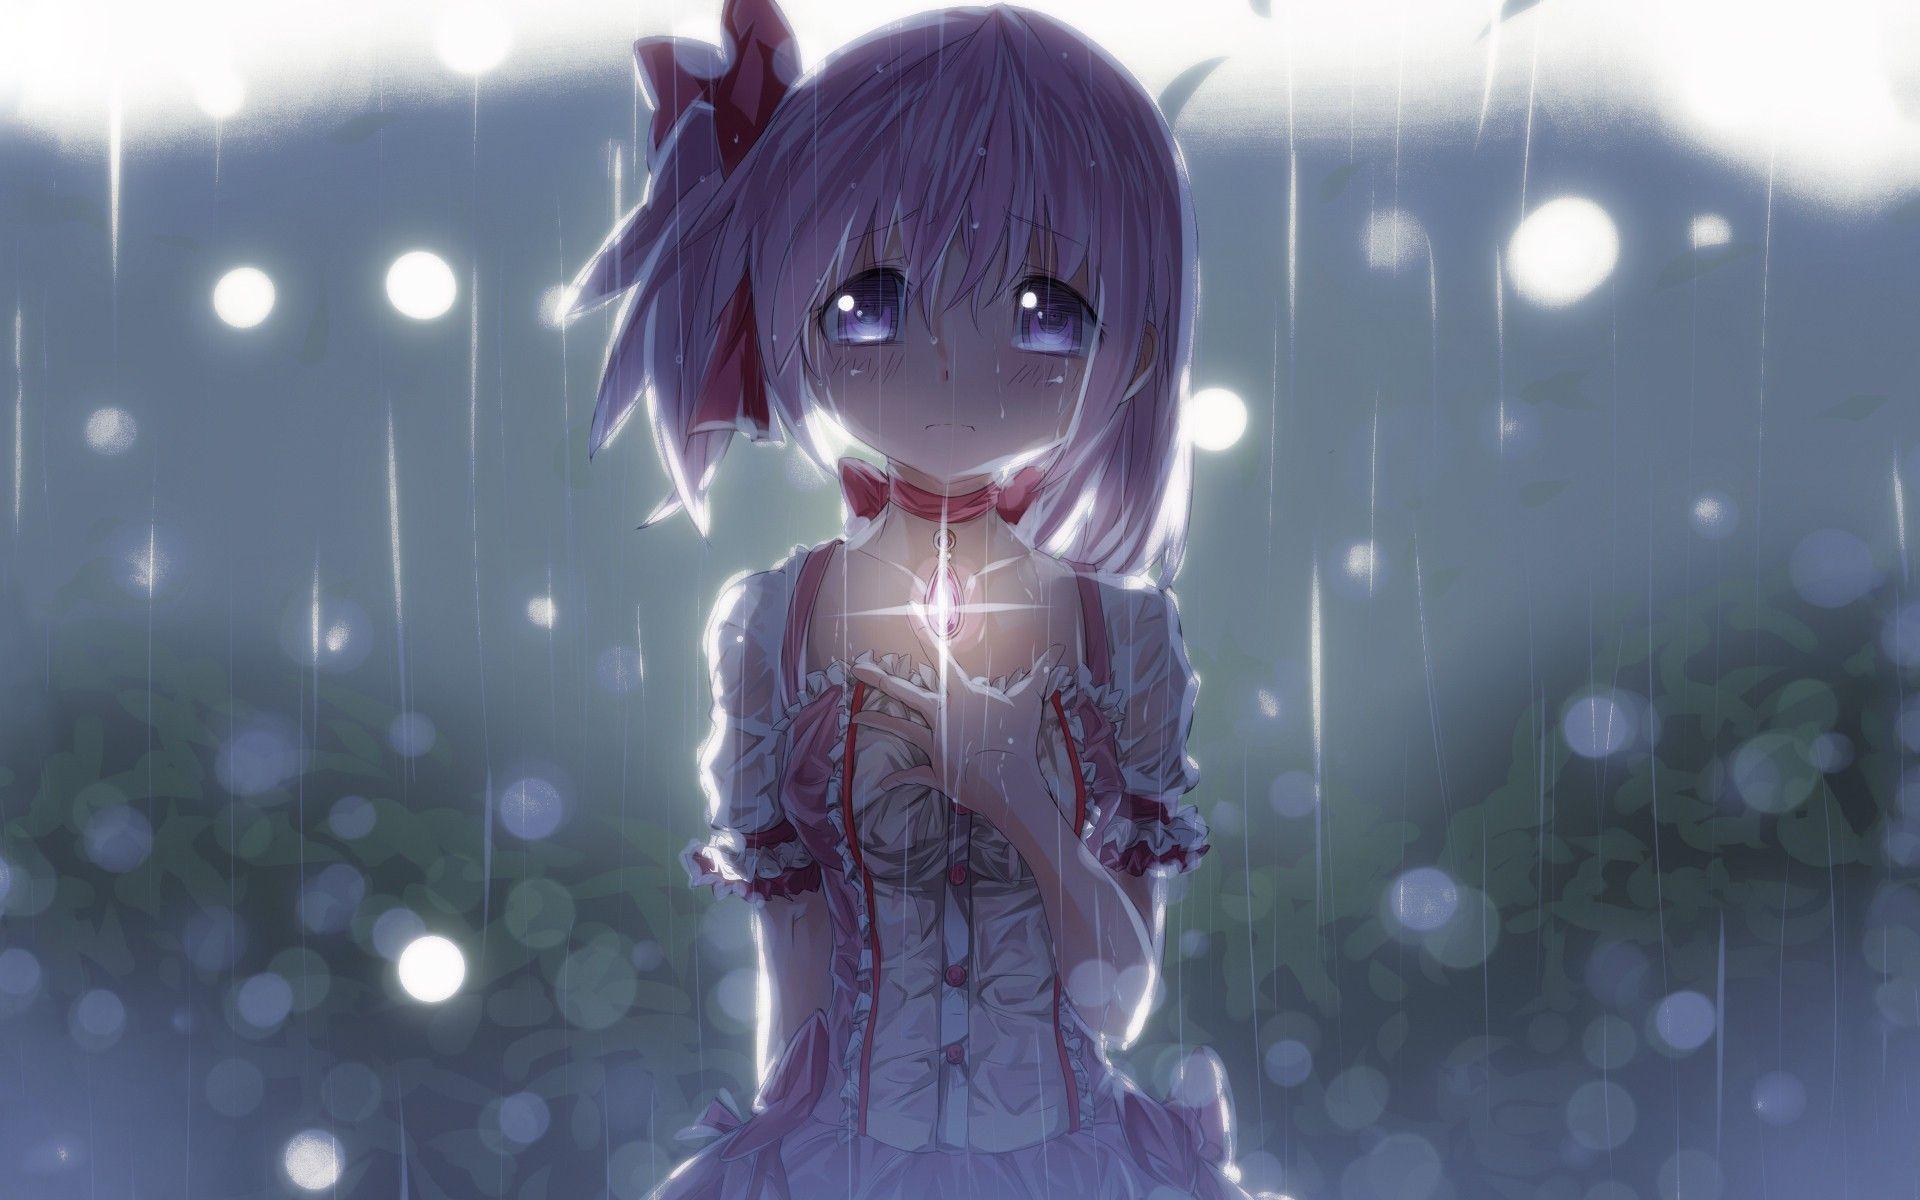 ảnh anime cô đơn